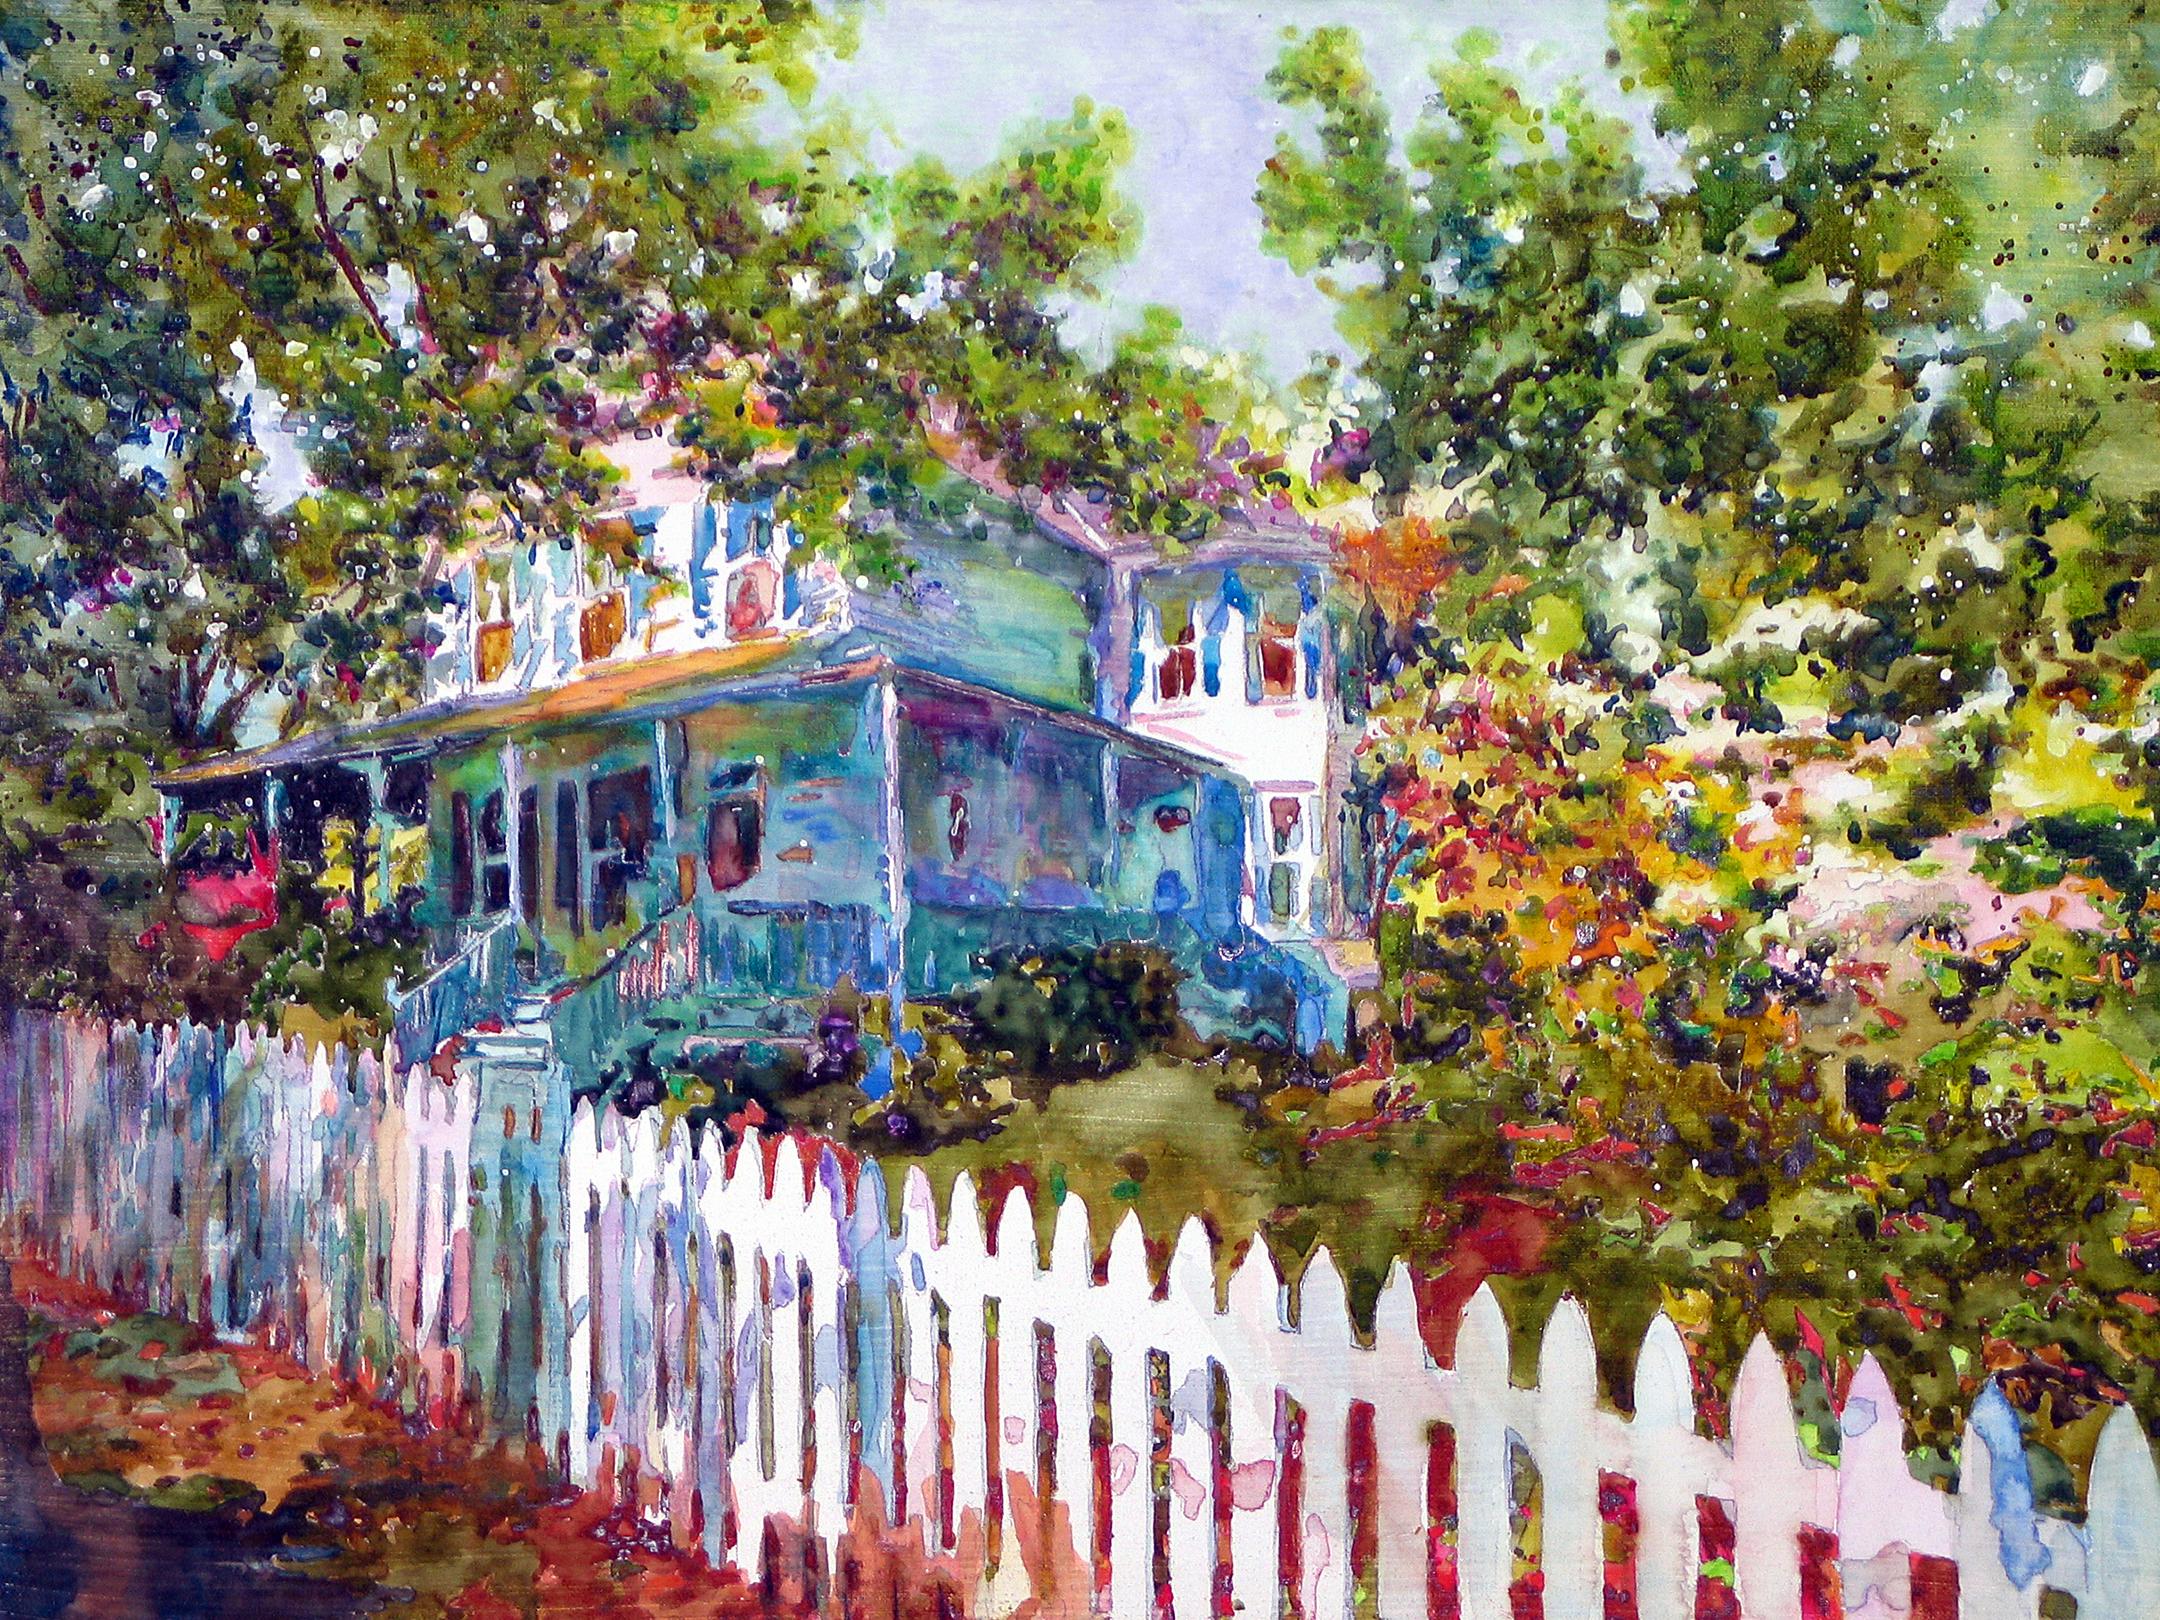 3947 Baltimore Street Painting